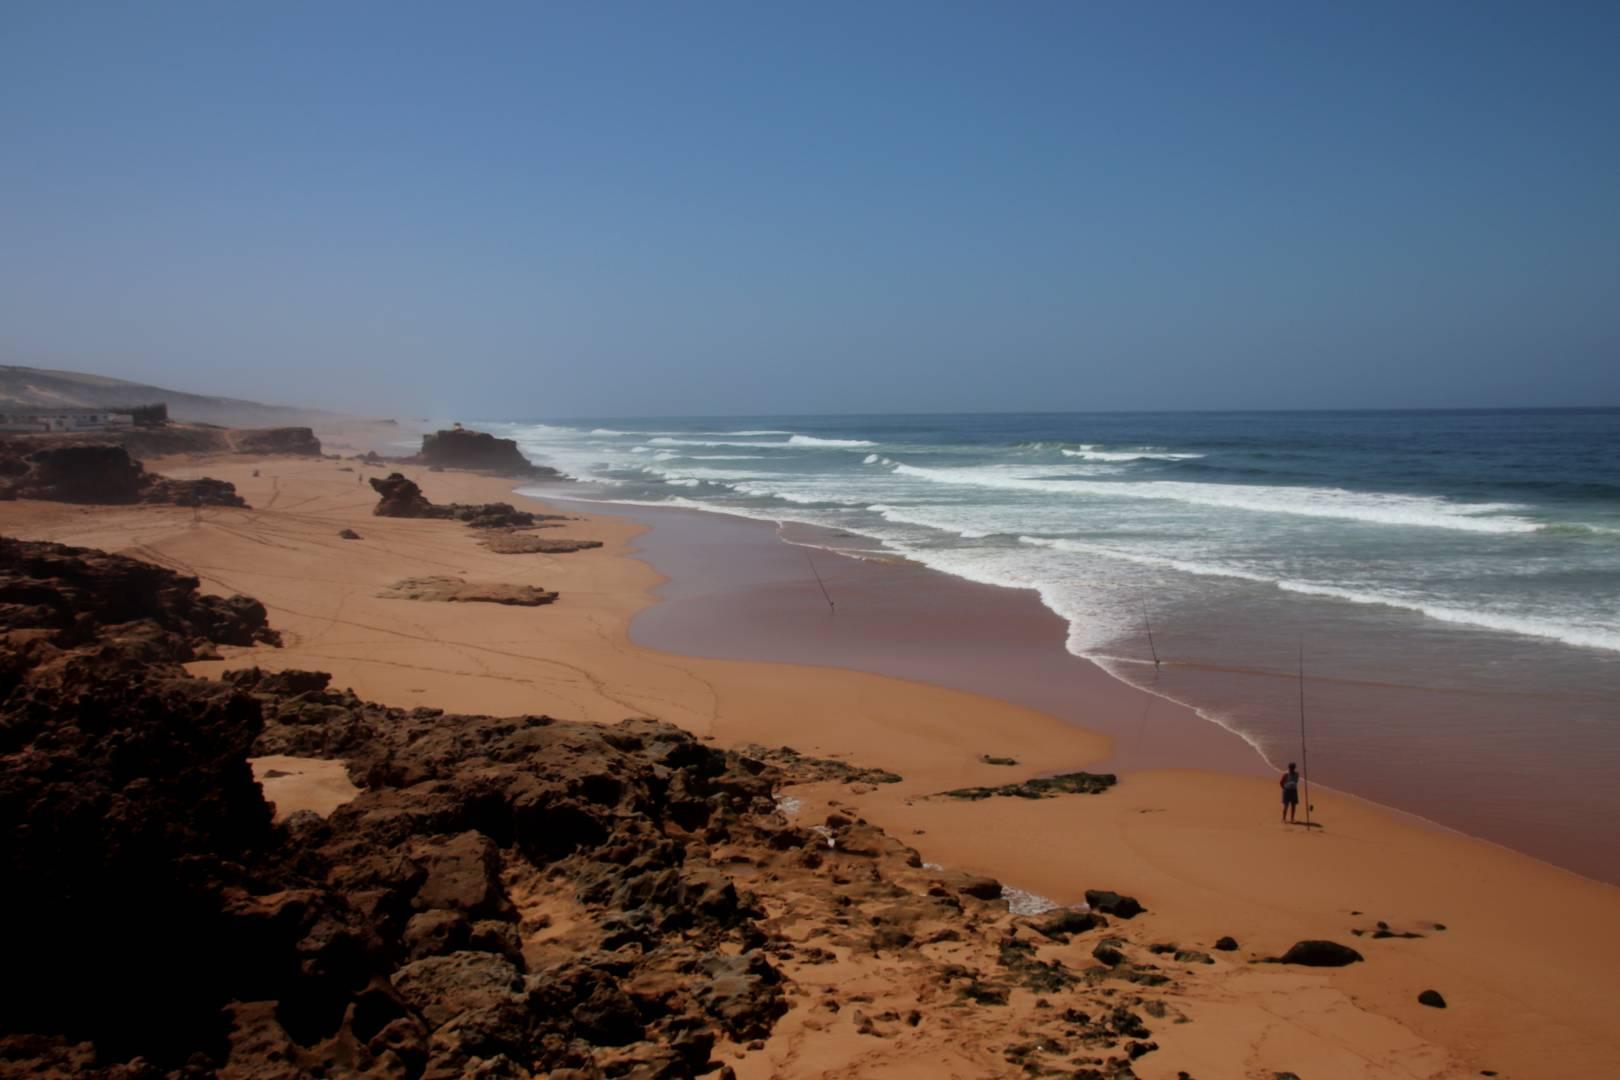 Maroc - Pêcheurs sur une plage sauvage à Oualidia